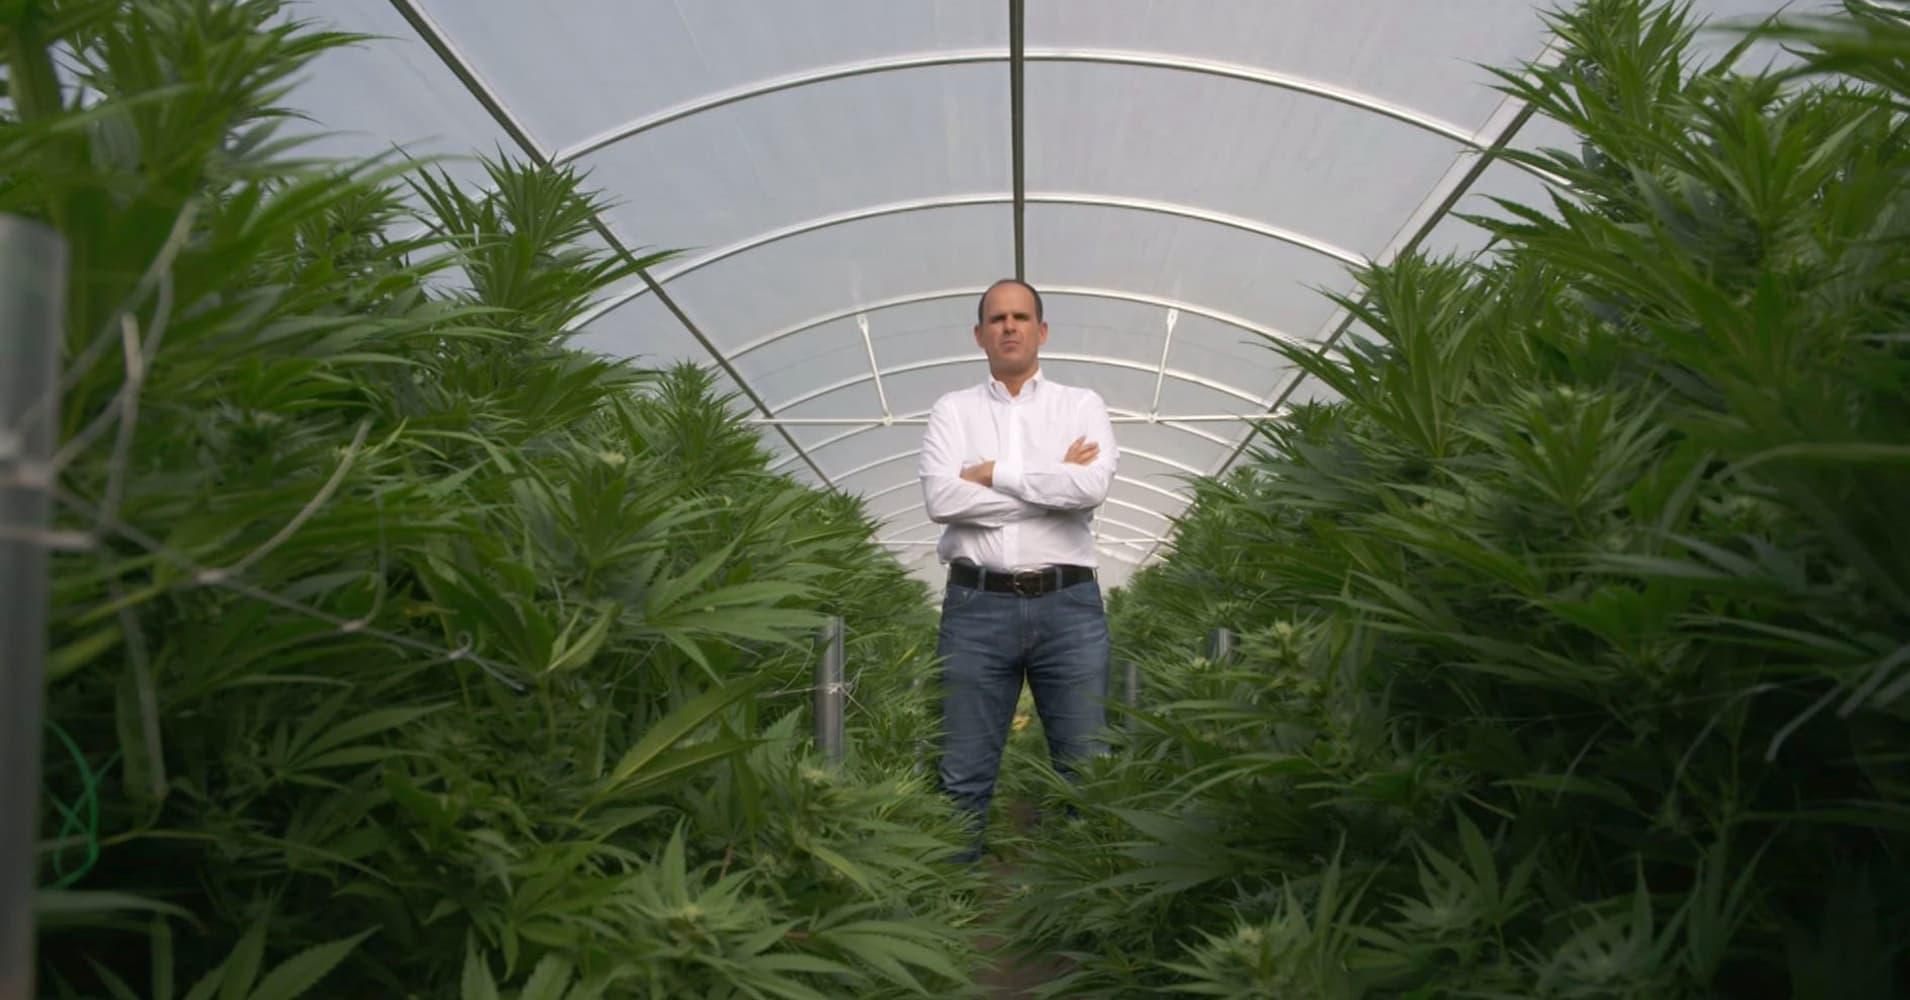 104614681 profitpotabout.1910x1000 Maconha Milionária: Episódio especial de 'O Sócio' aborda o mercado legal da erva na Califórnia